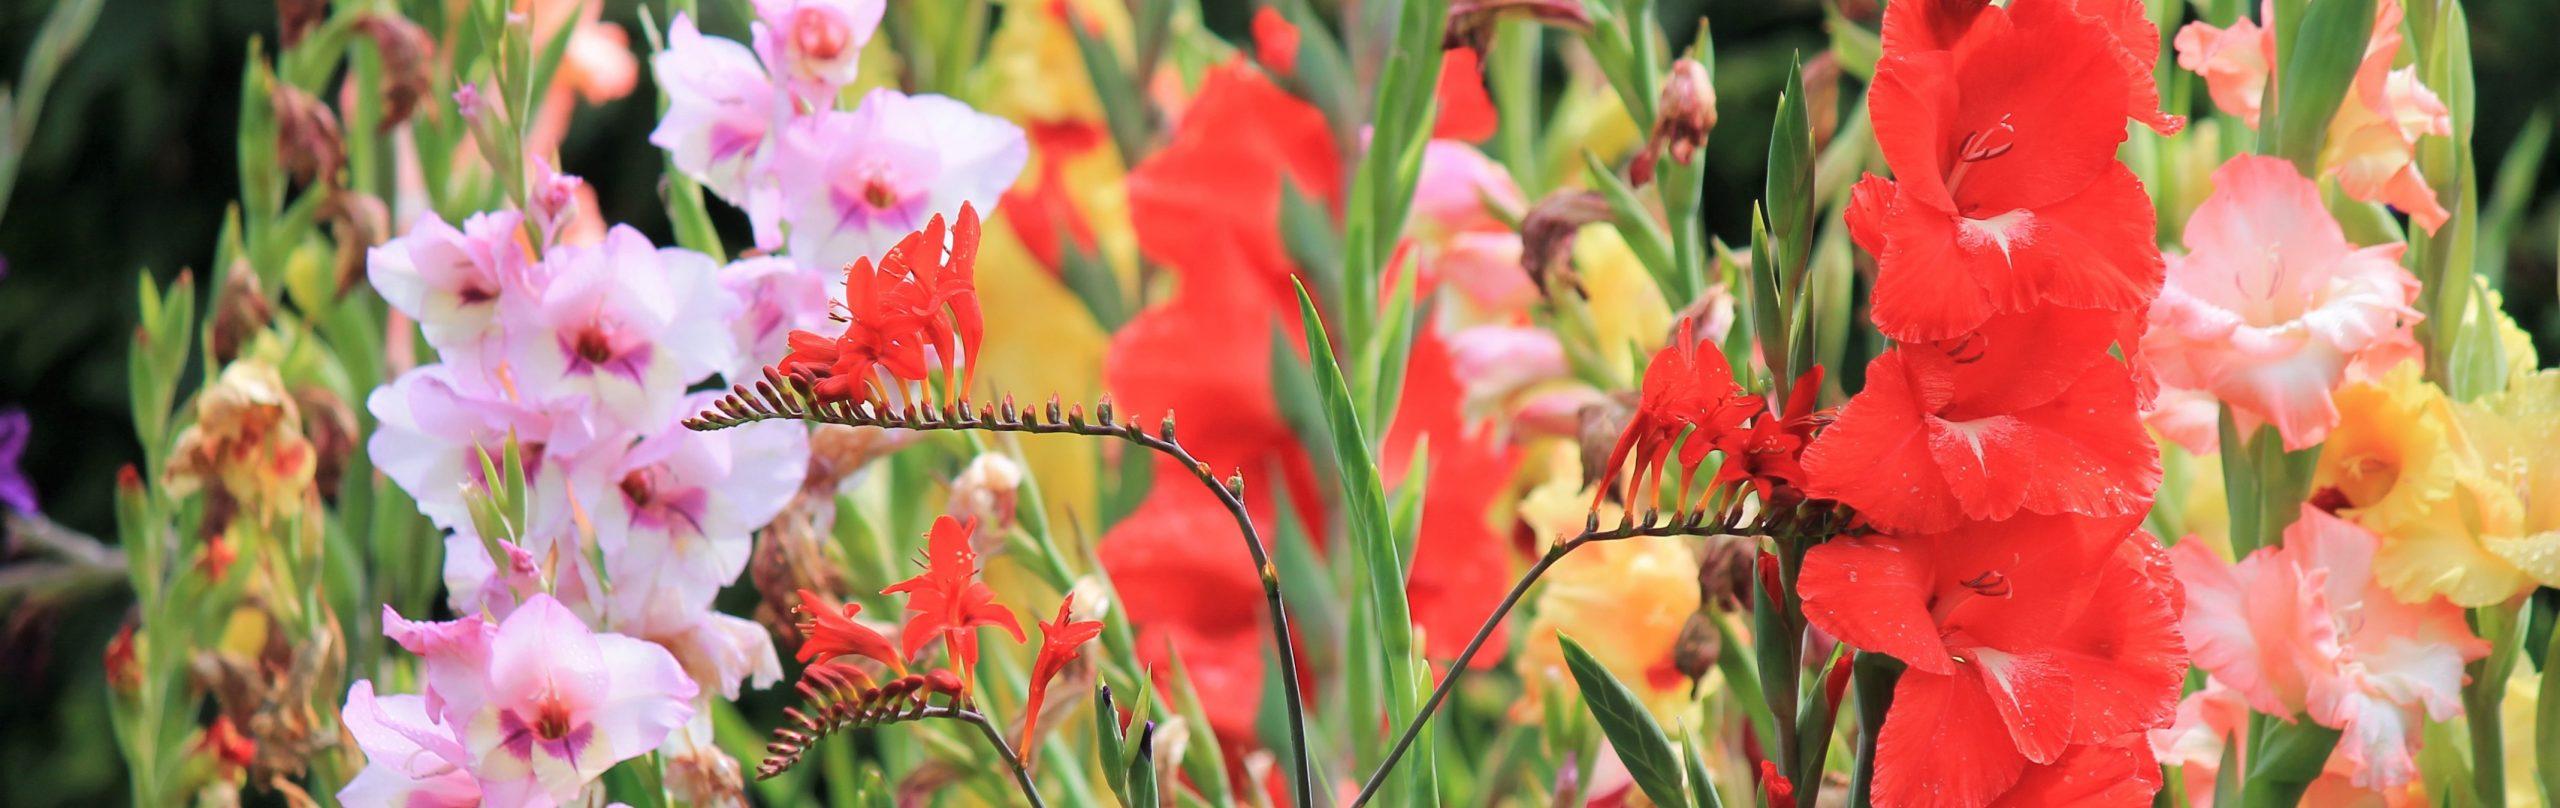 Gladiolen – Alles über Pflege, Standort und Überwinterung